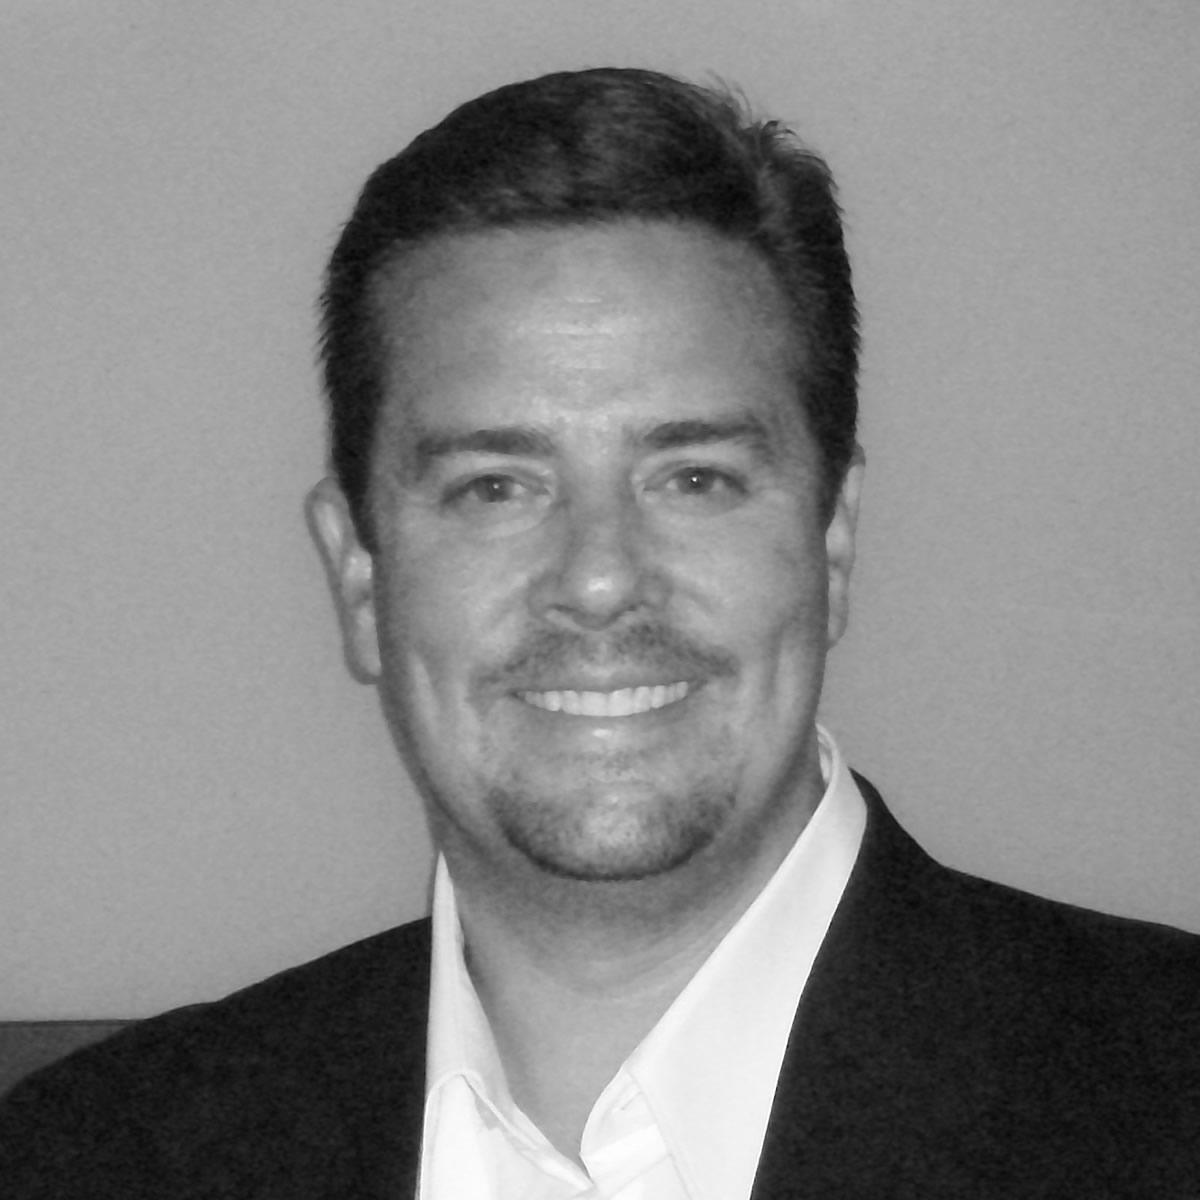 Glen Eckberg, Vice President, Health, Safety & Environment; Mars Inc.